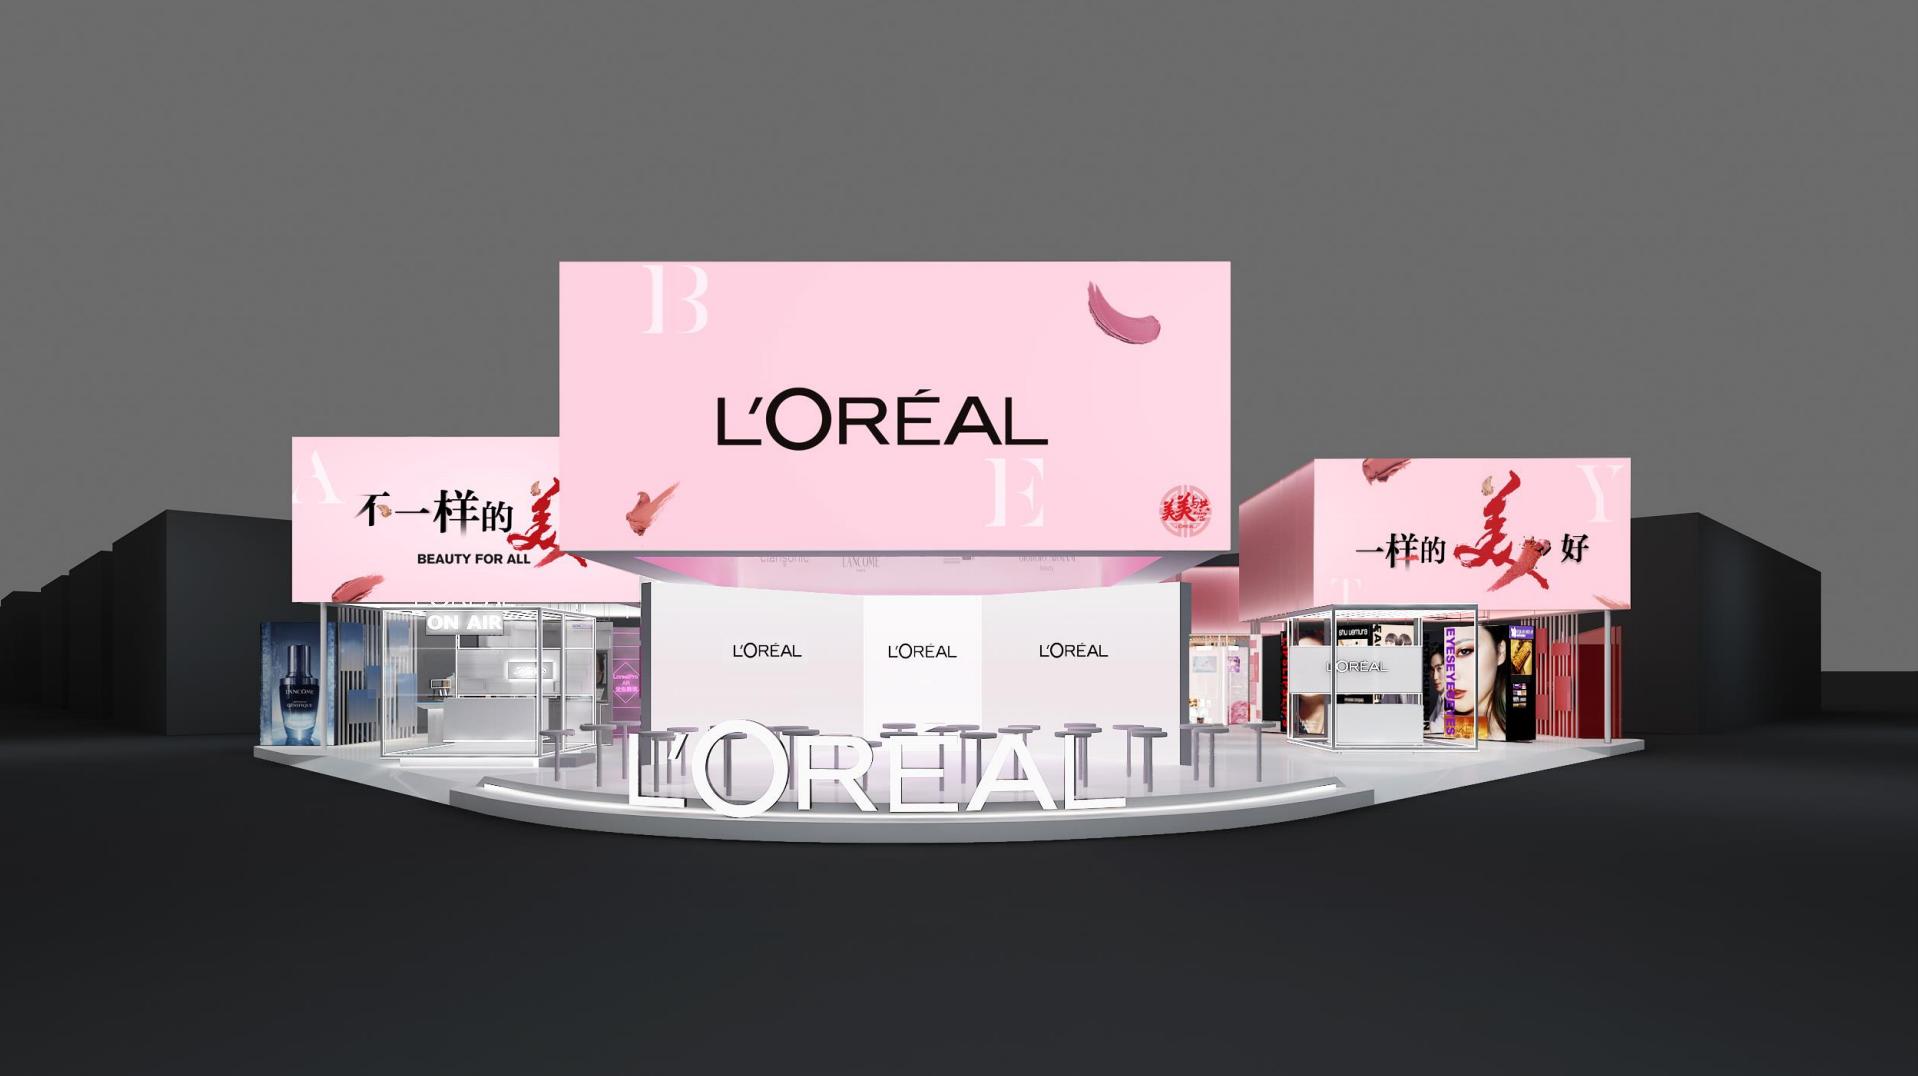 L'Oréal pavilion visual concept at CIIE 2020